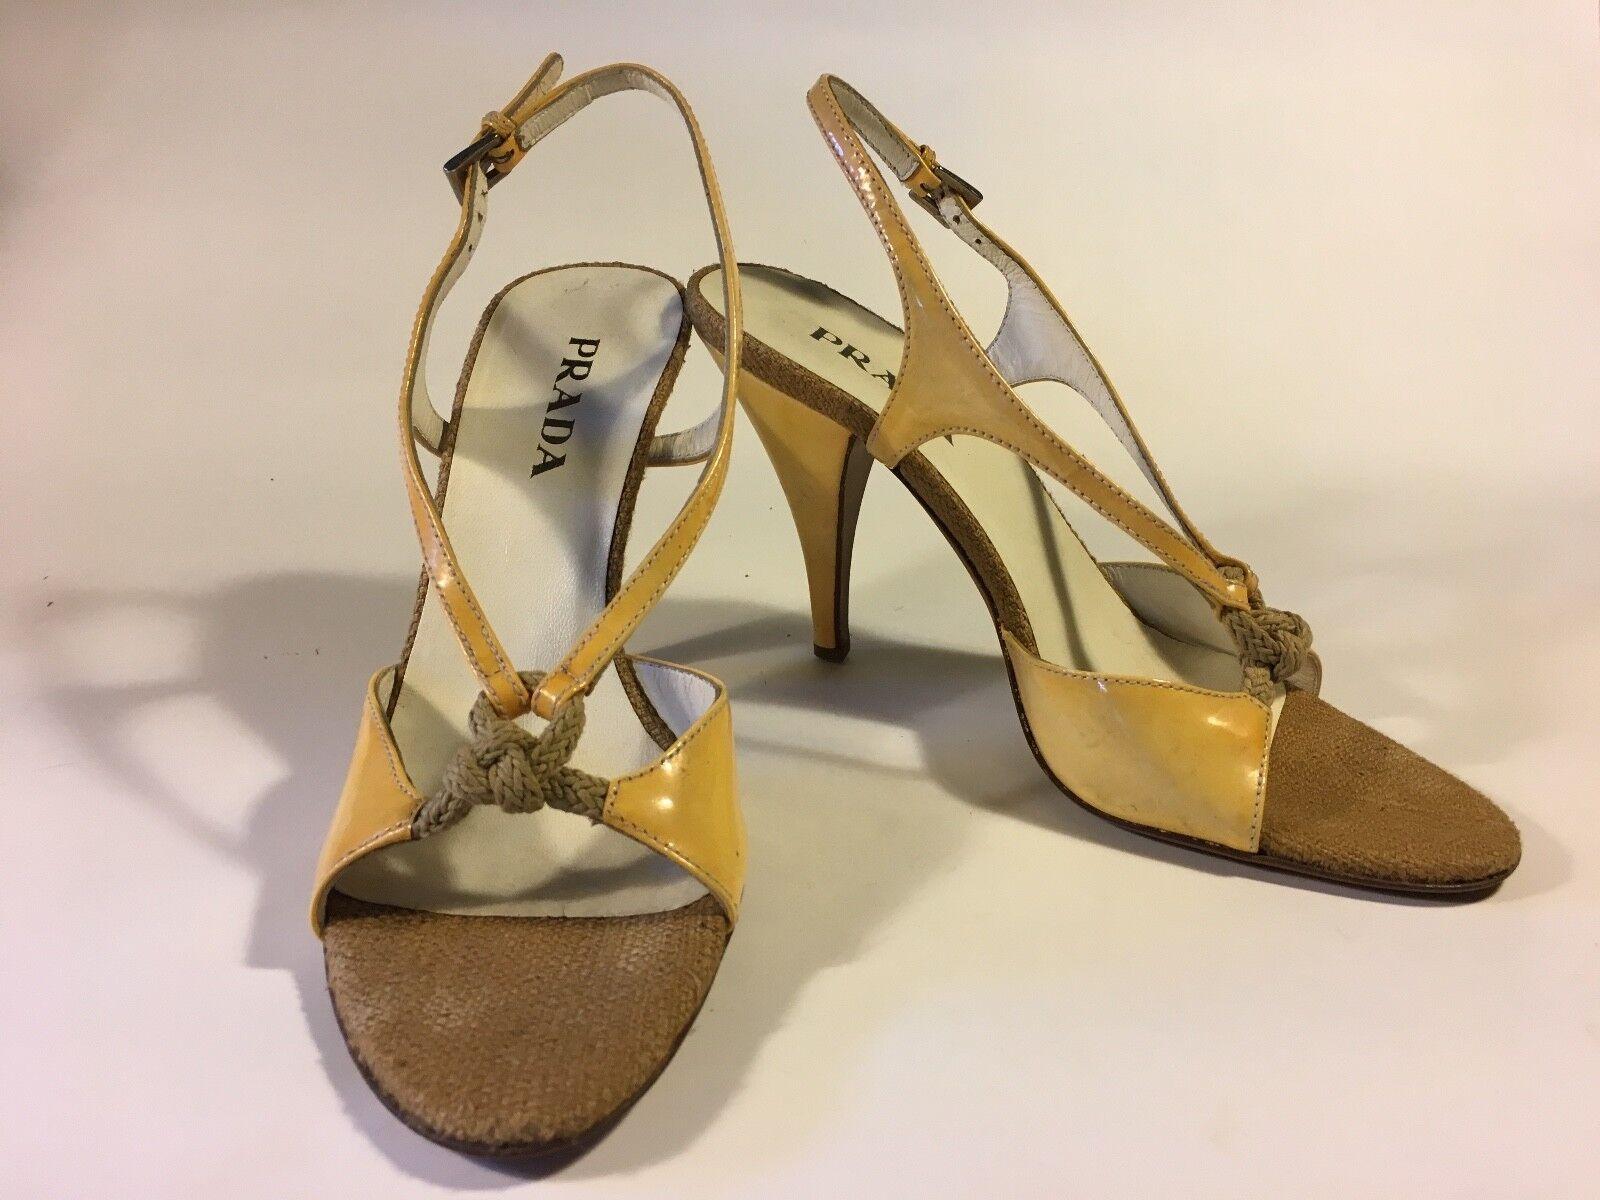 Prada, gula läderklackar läderklackar läderklackar med mild patina, repdetaljer och hessisk tå 10  designer online